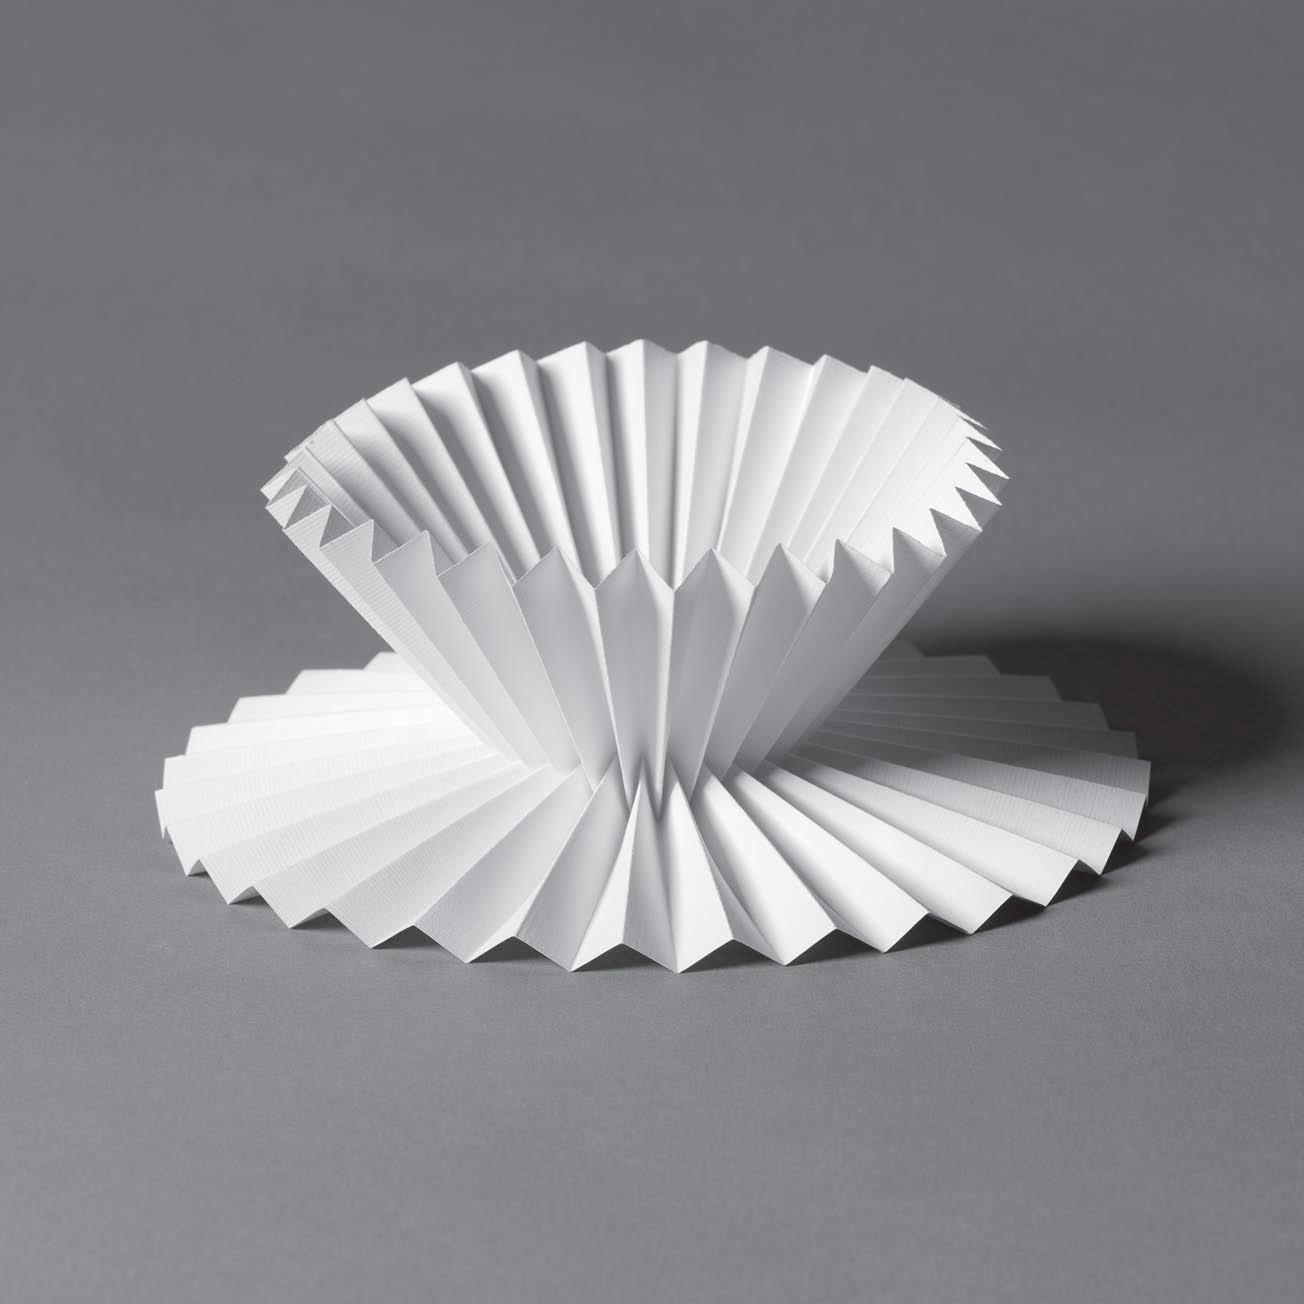 成品实物定做 半立构折纸 半立体肌理构成 立体构成 折纸 z8